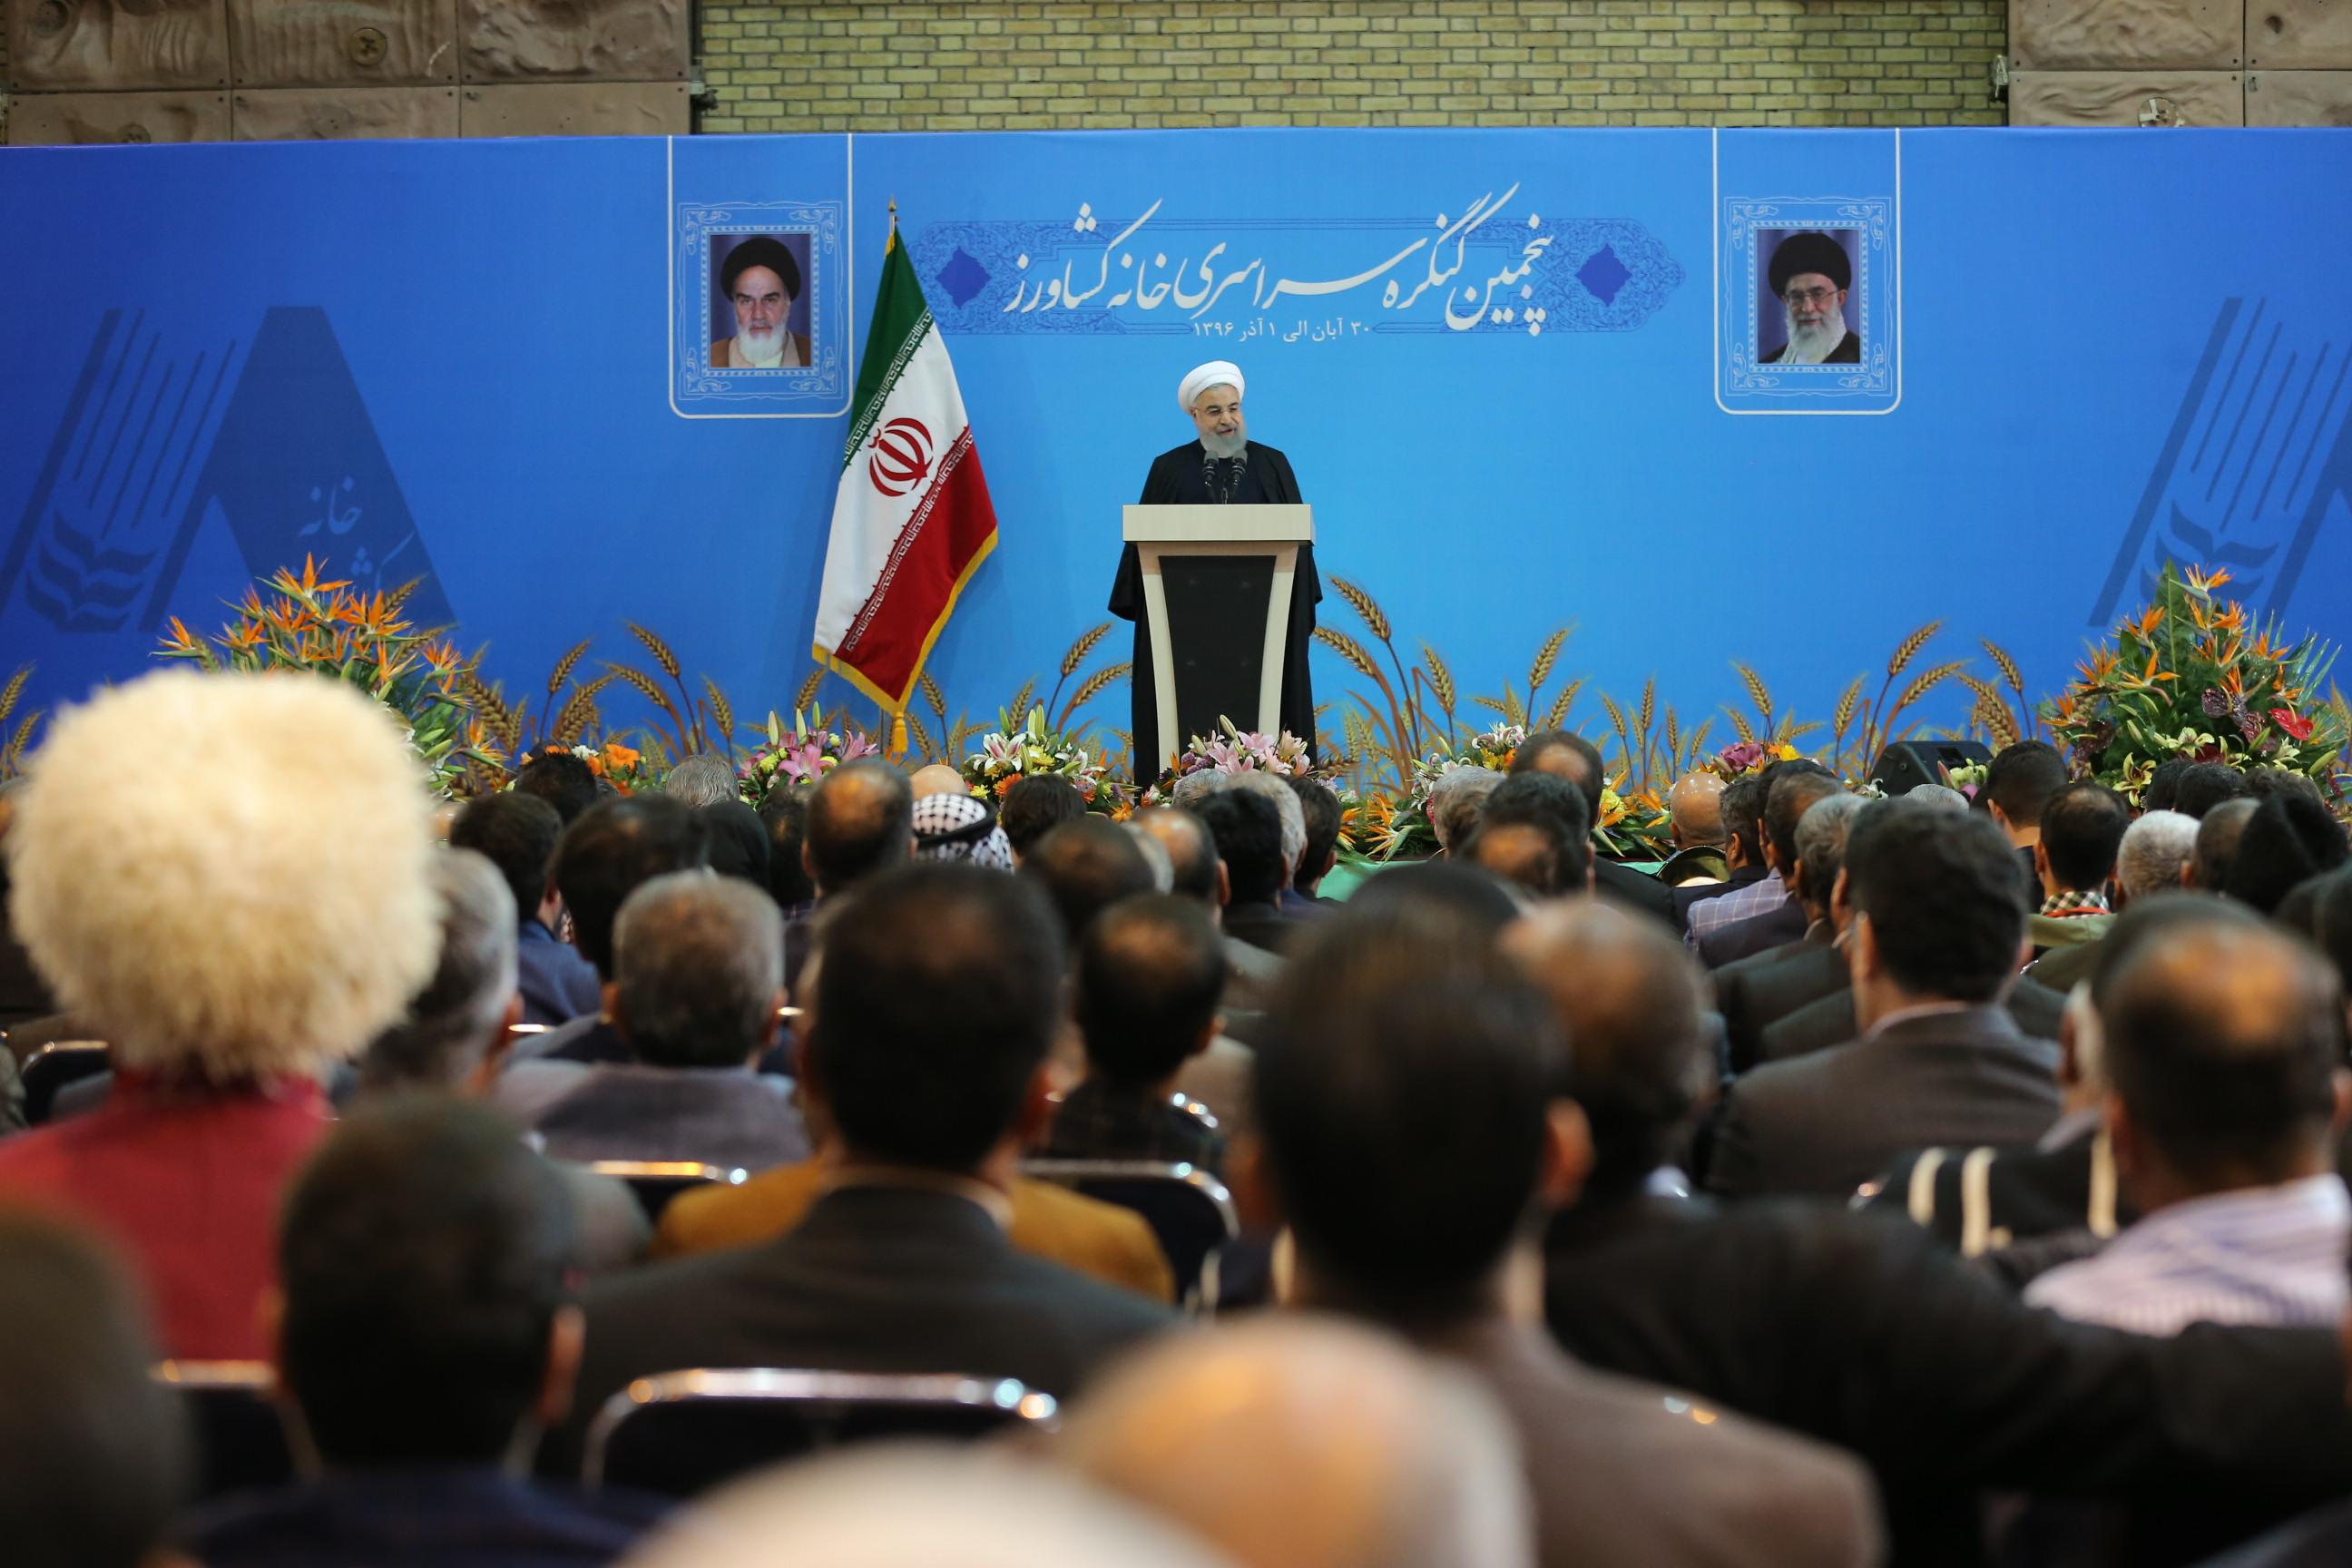 رئیس جمهور در کنگره سراسری خانه کشاورز: کنده شدن بنیان داعش را تبریک میگویم / میان دولت و مردم فاصلهای وجود ندارد